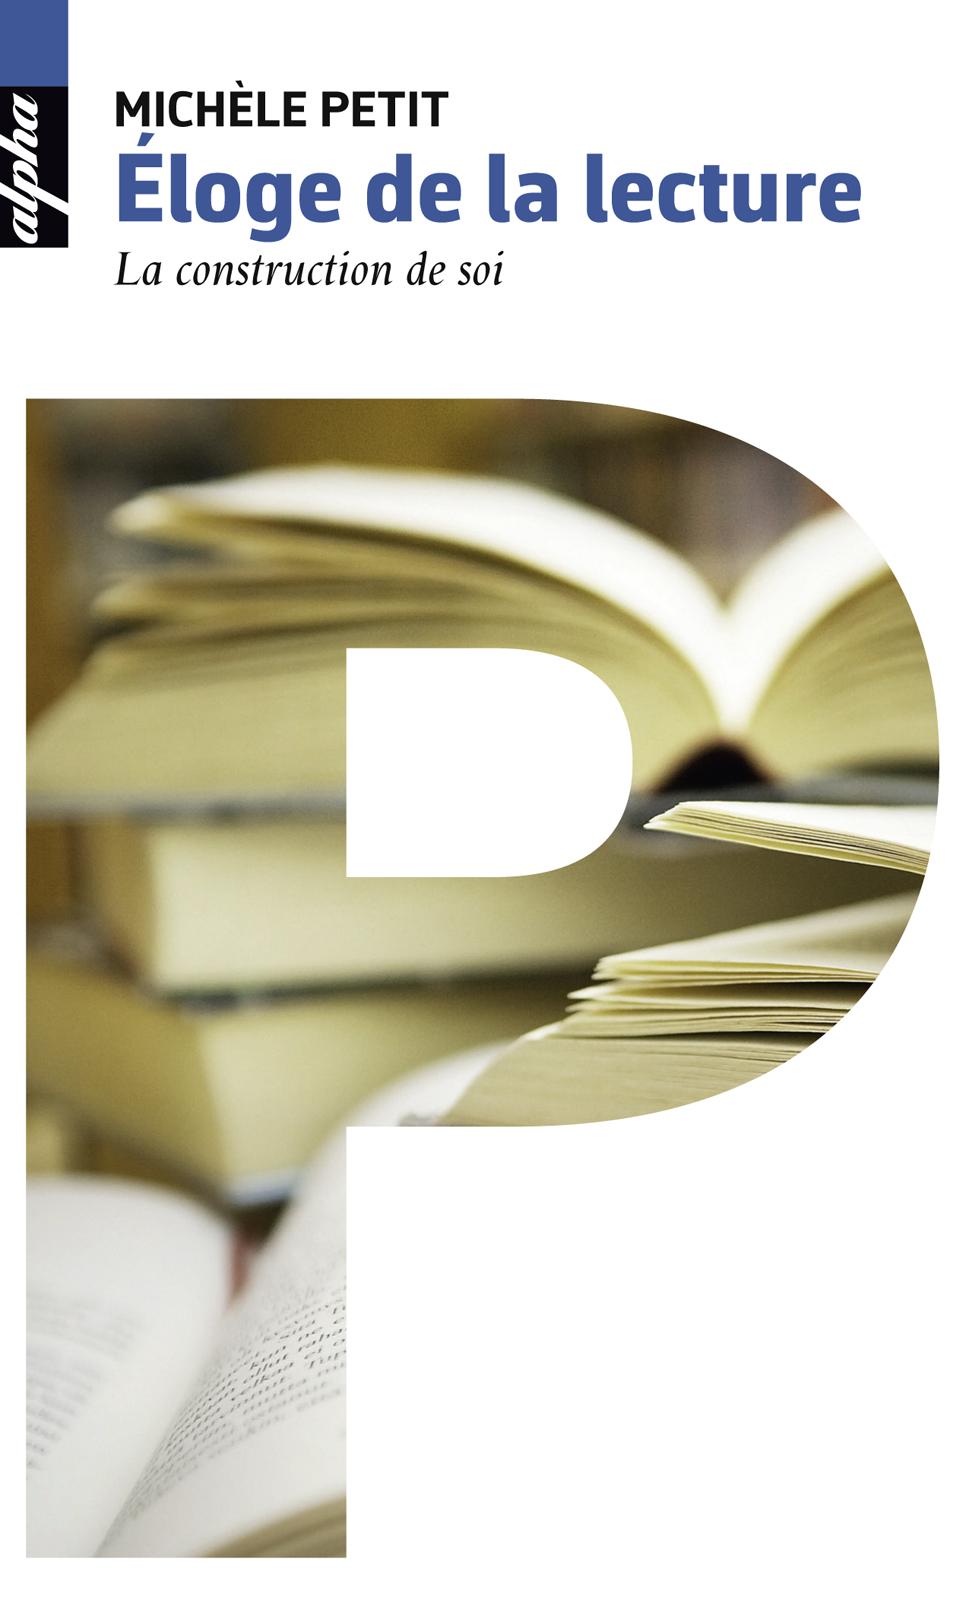 Éloge de la lecture